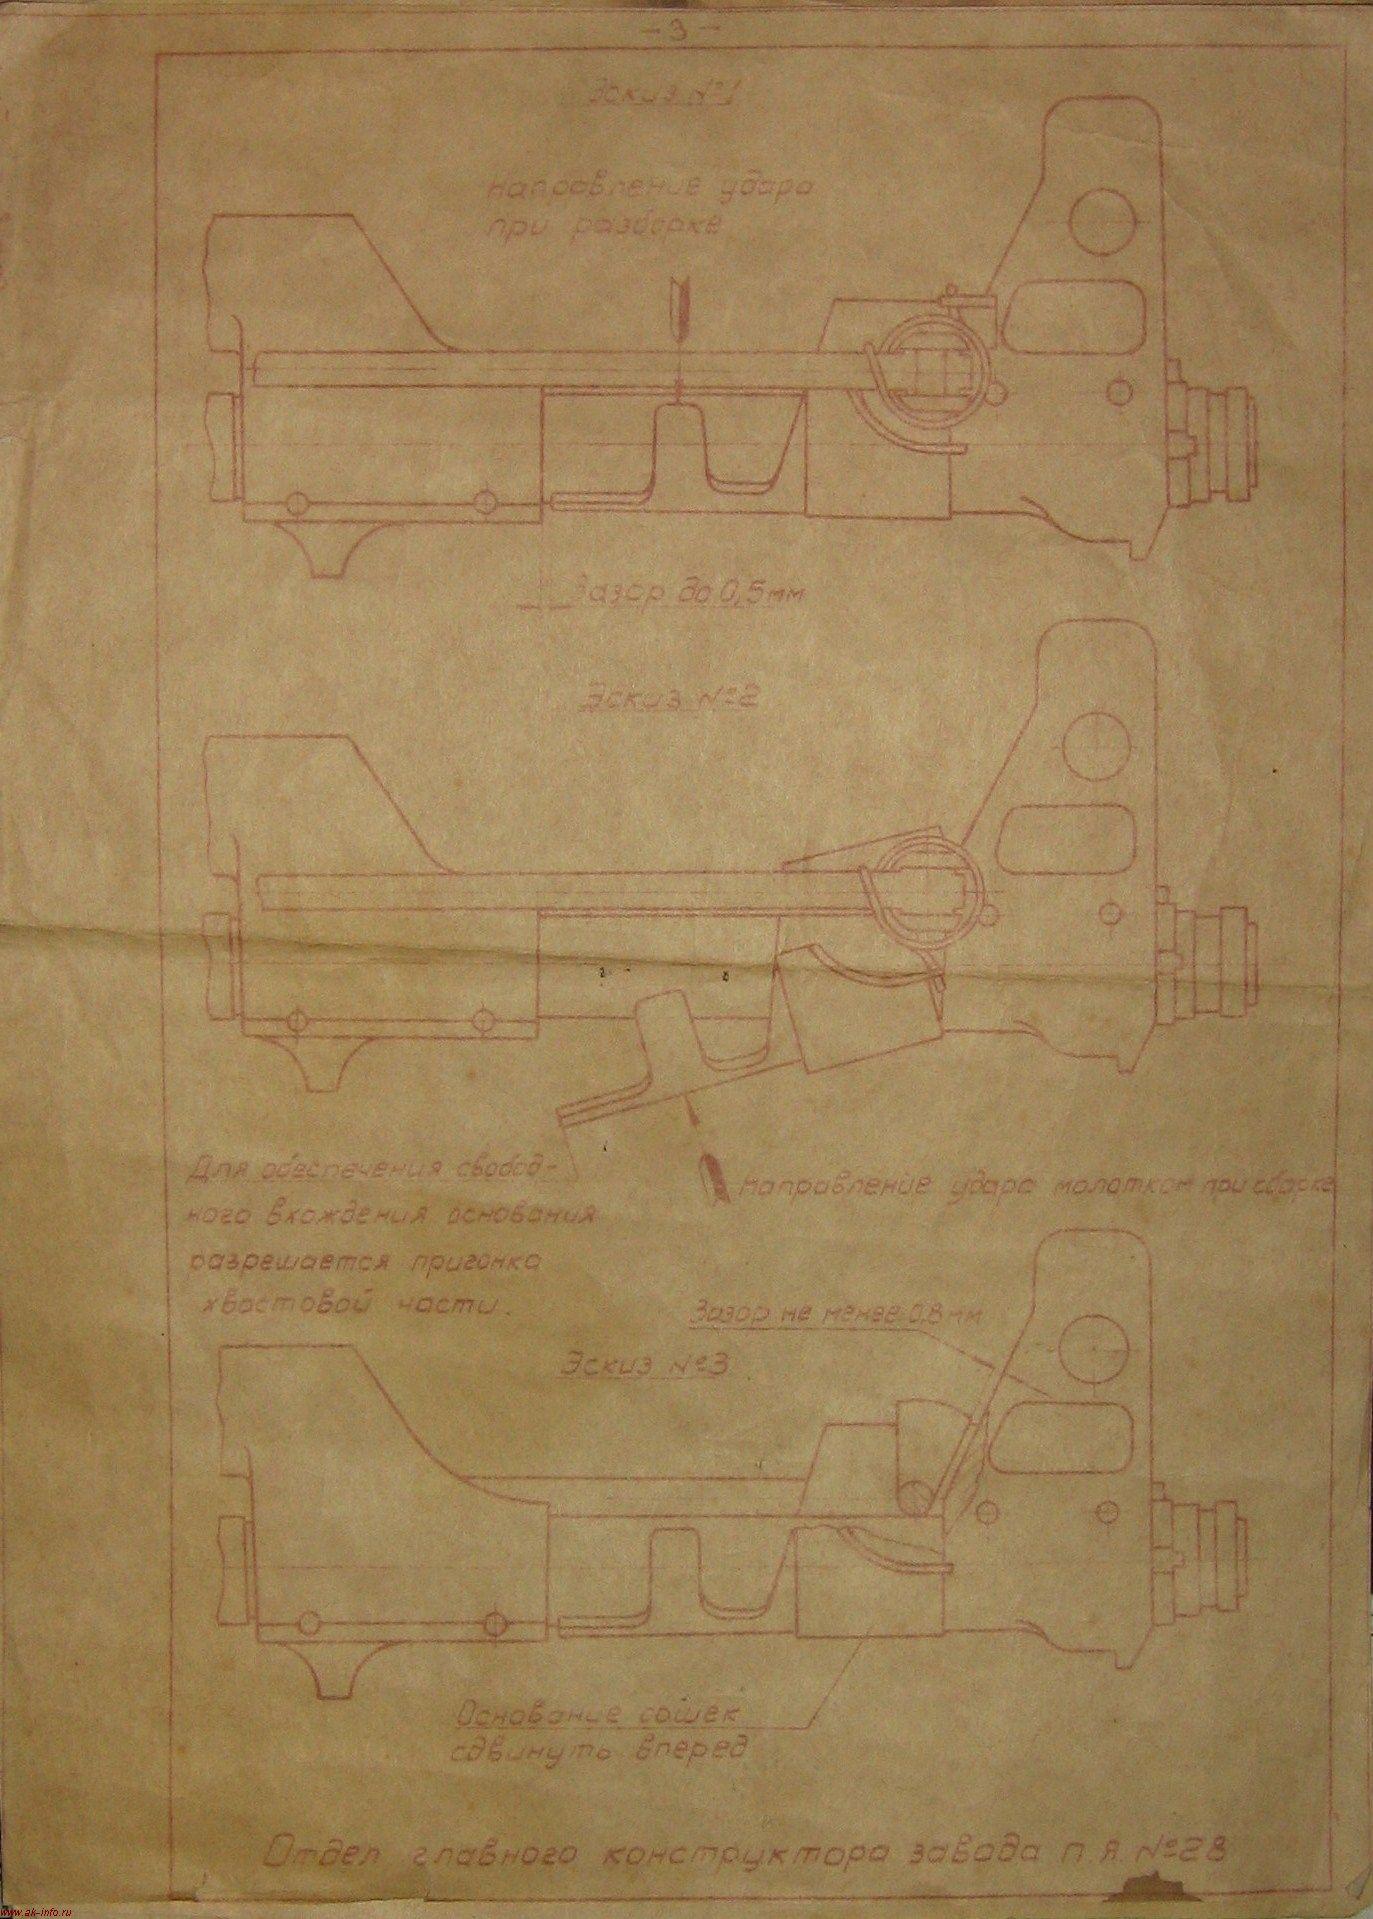 Фотография чертежа из конструкторской документации на изделие